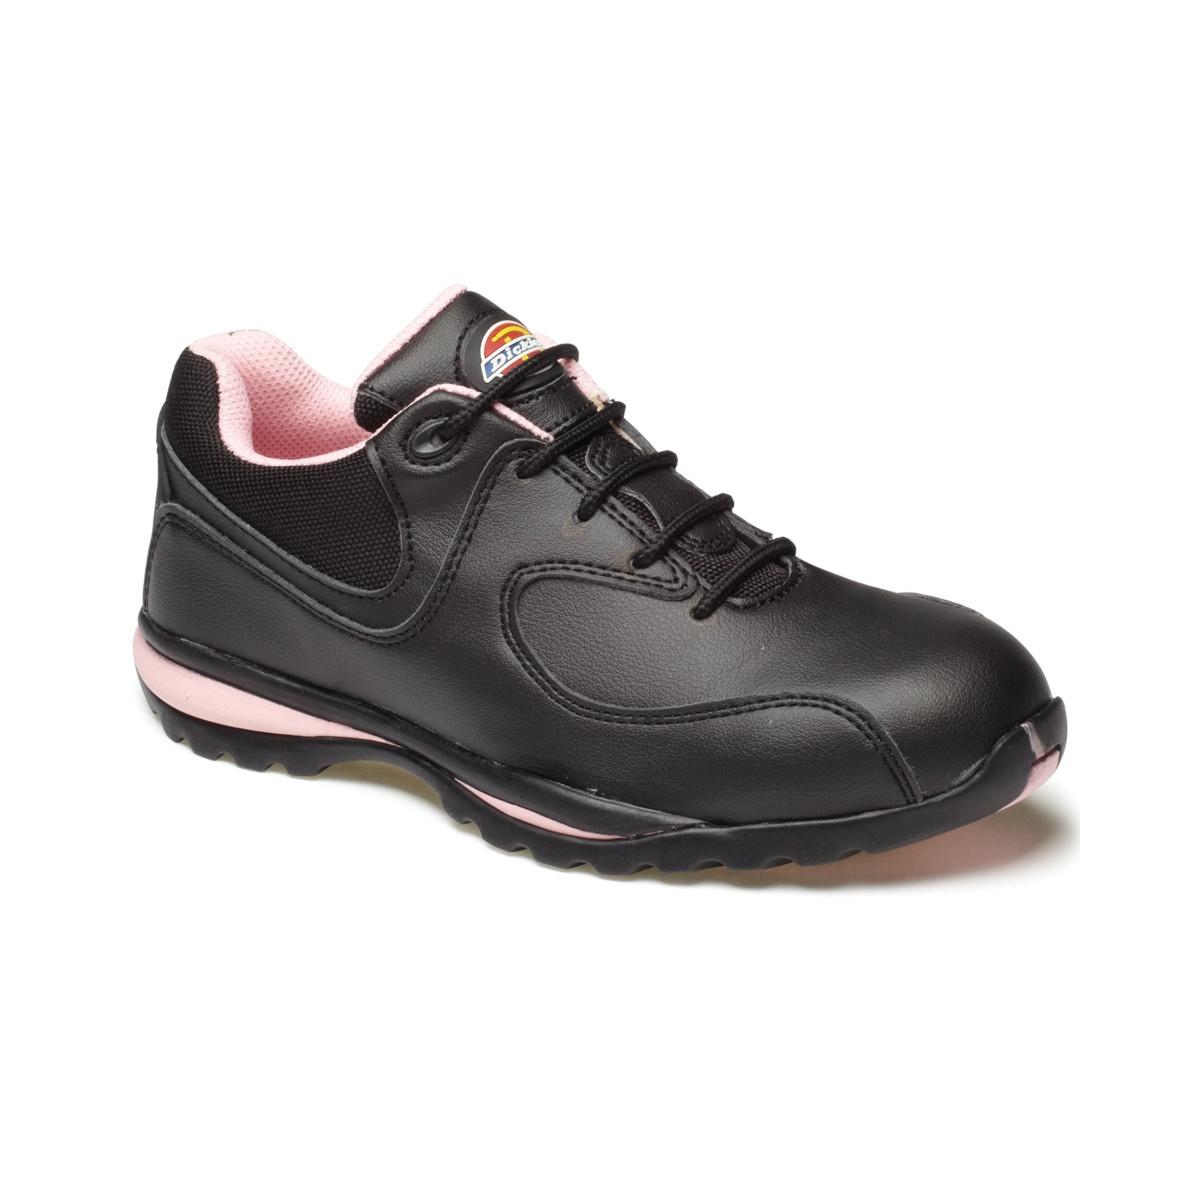 Dickies Zapatillas de Trabajo/Seguridad Laboral Modelo Ohio Para Mujer (37 EU/Negro/Rosa) Uz4VfwH